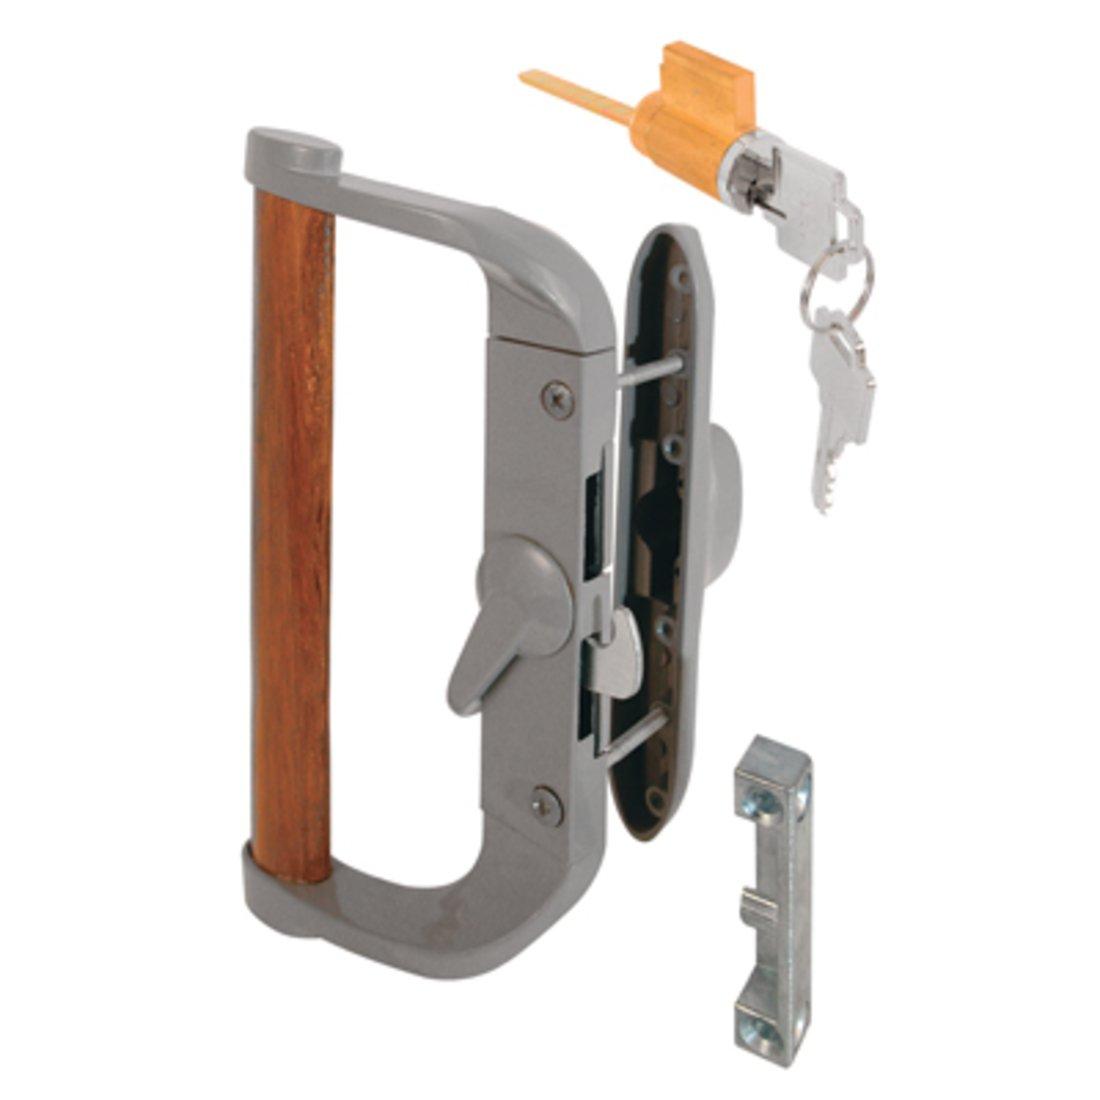 Aluminum/Wood Hook-Style Surface Mount Sliding Glass Door Handle 3-1/2'' Screw Holes - Keyed